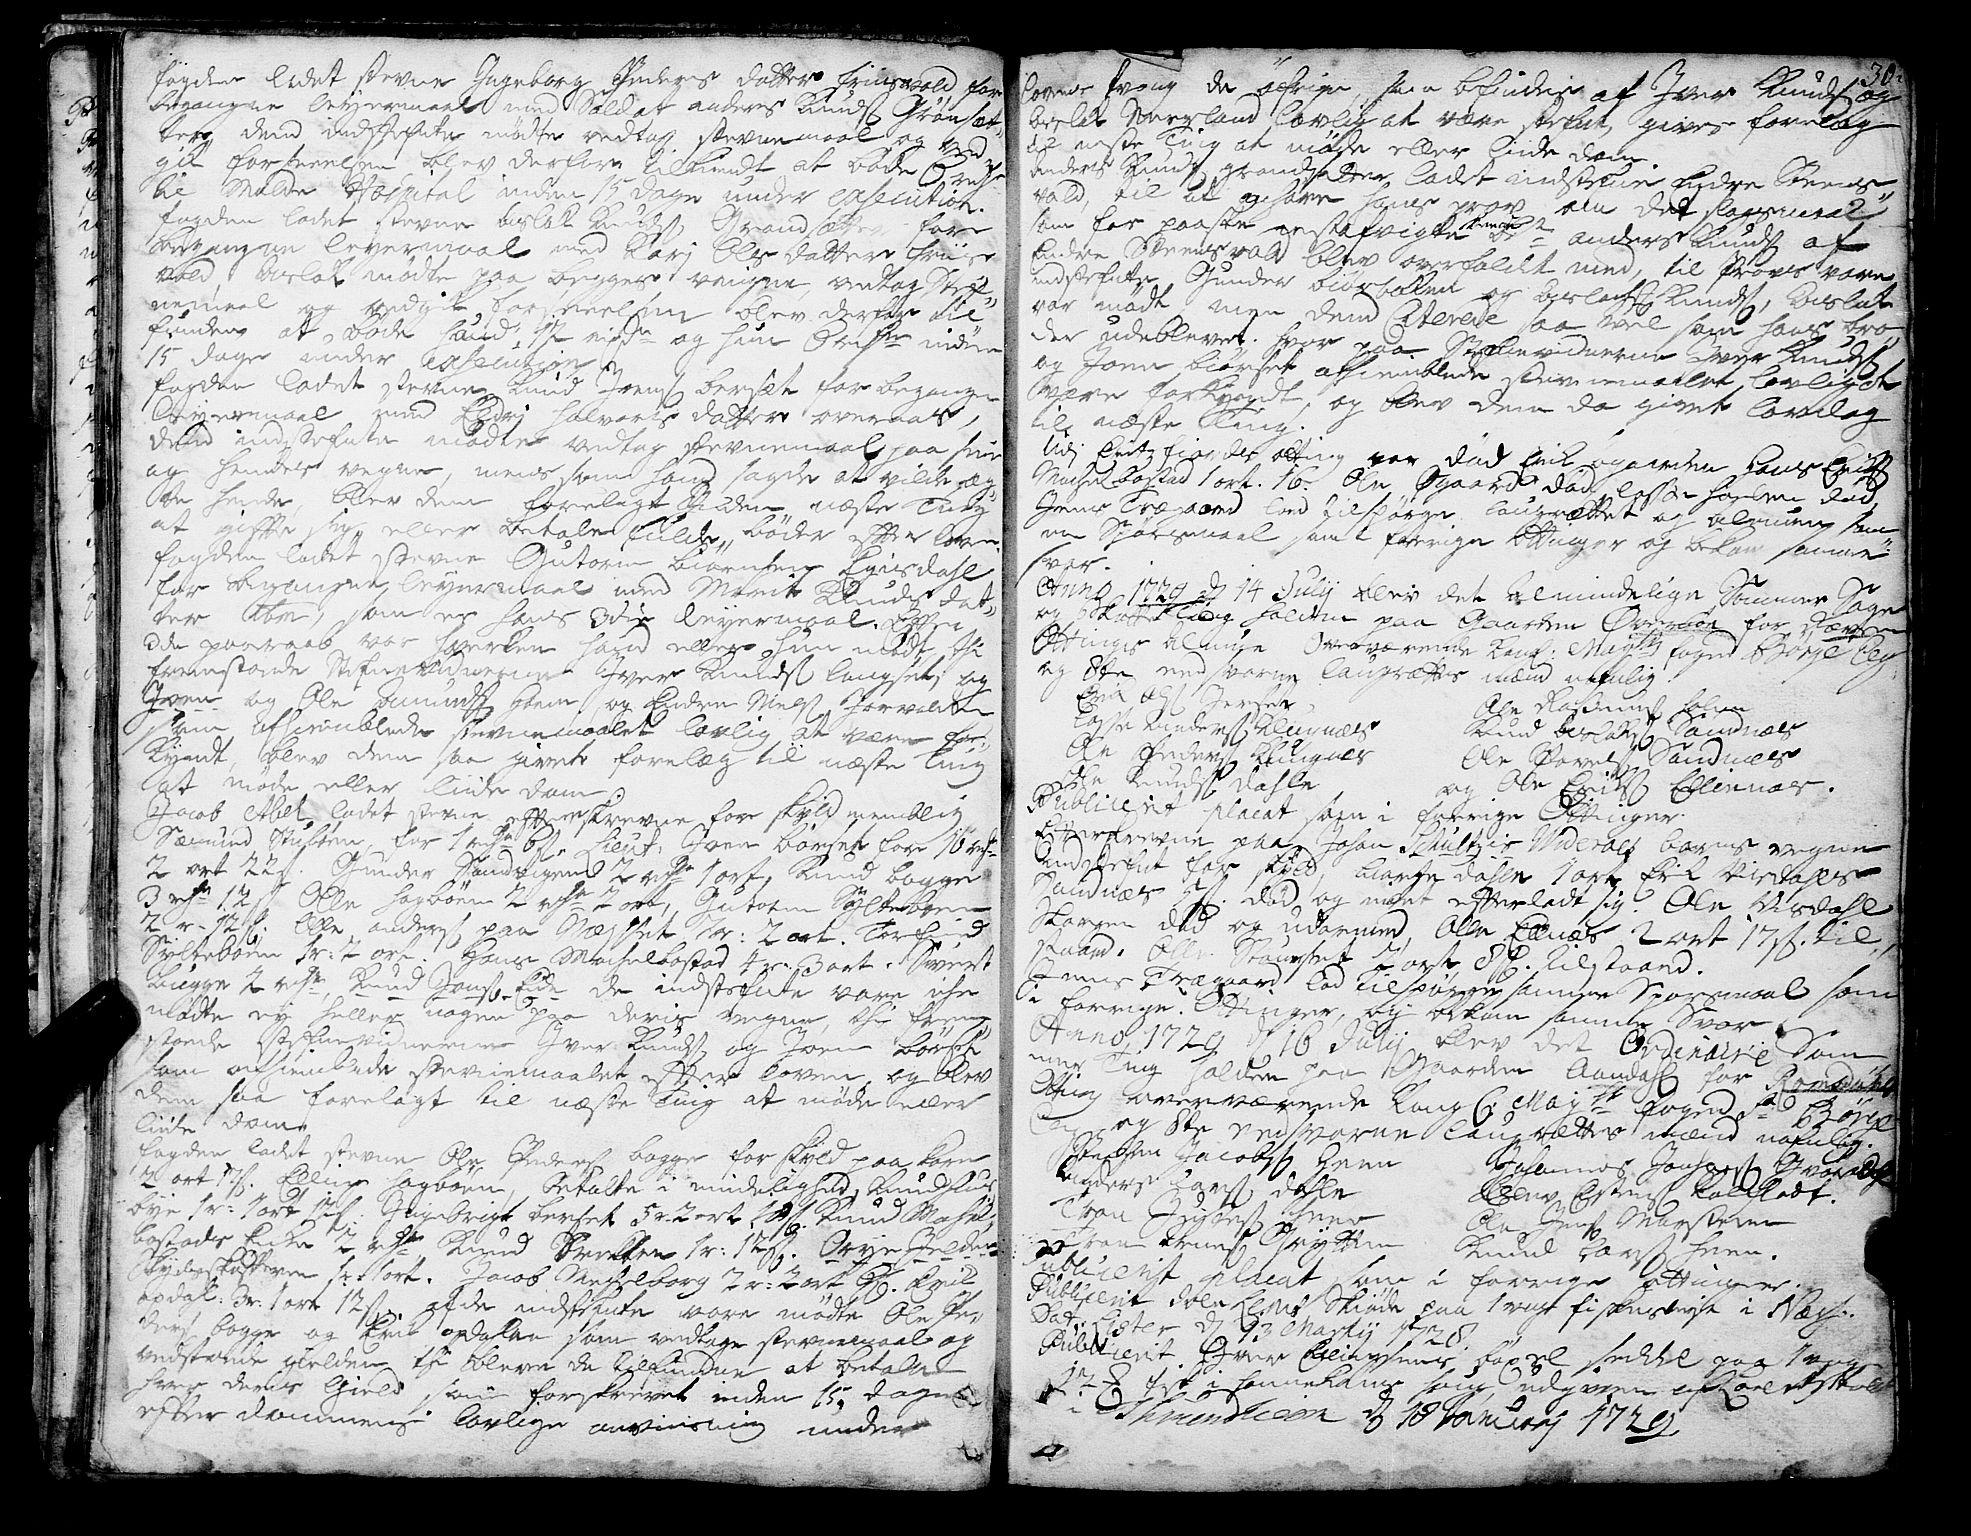 SAT, Romsdal sorenskriveri, 1/1A/L0010: Tingbok, 1728-1732, p. 30